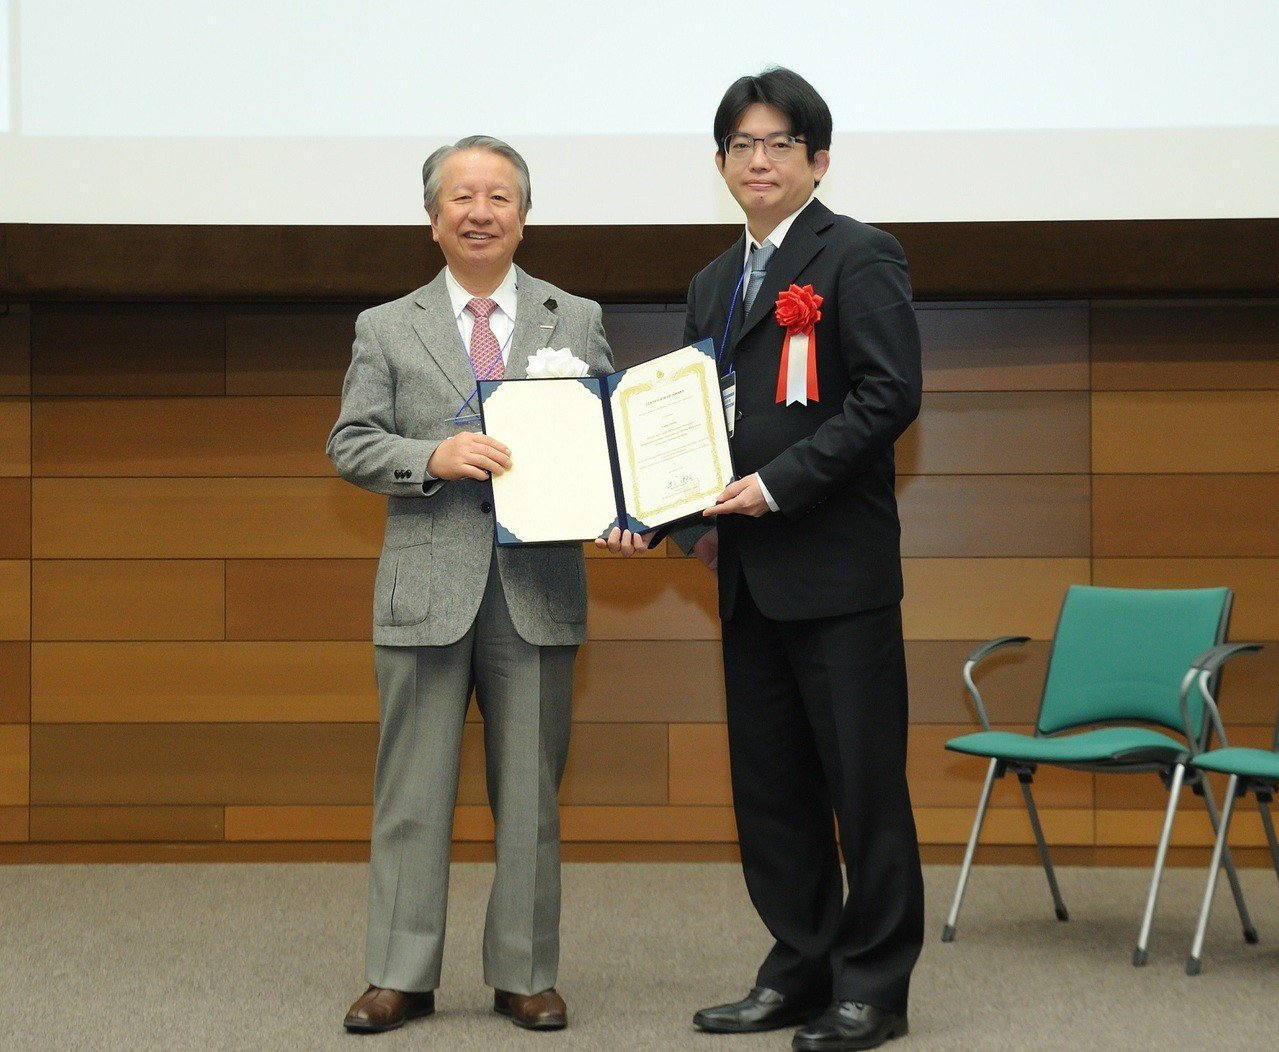 中原大學化工系教授張雍(右)獲頒「傑出亞洲研究員暨工程師獎」。圖/中原大學提供